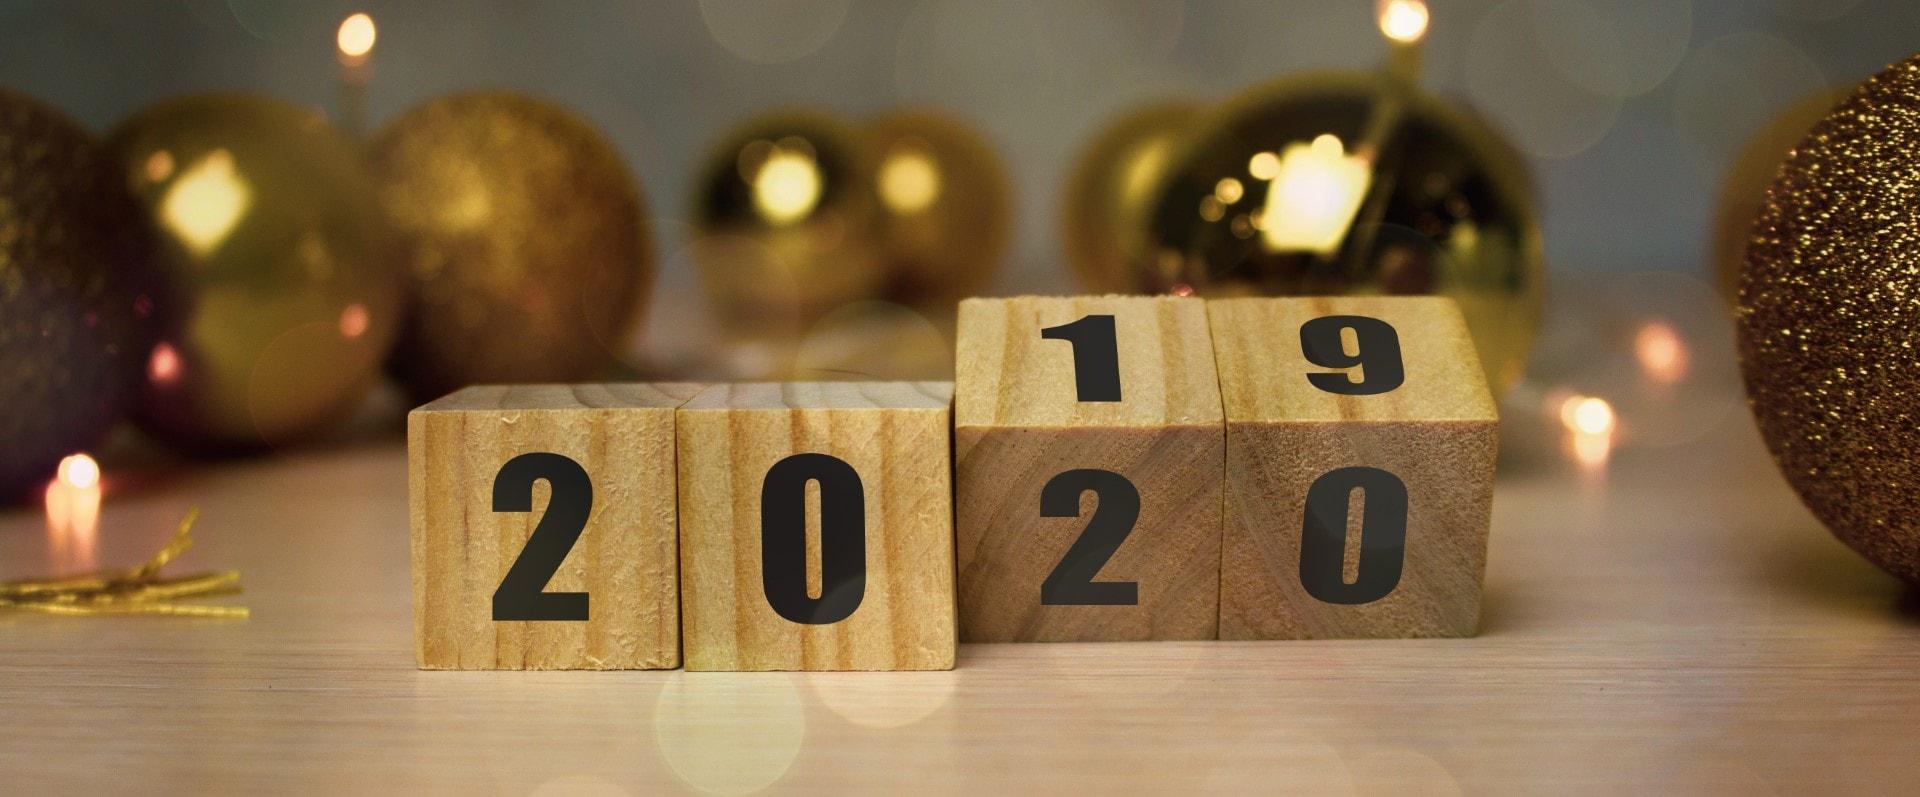 2019-2020-Large.jpeg